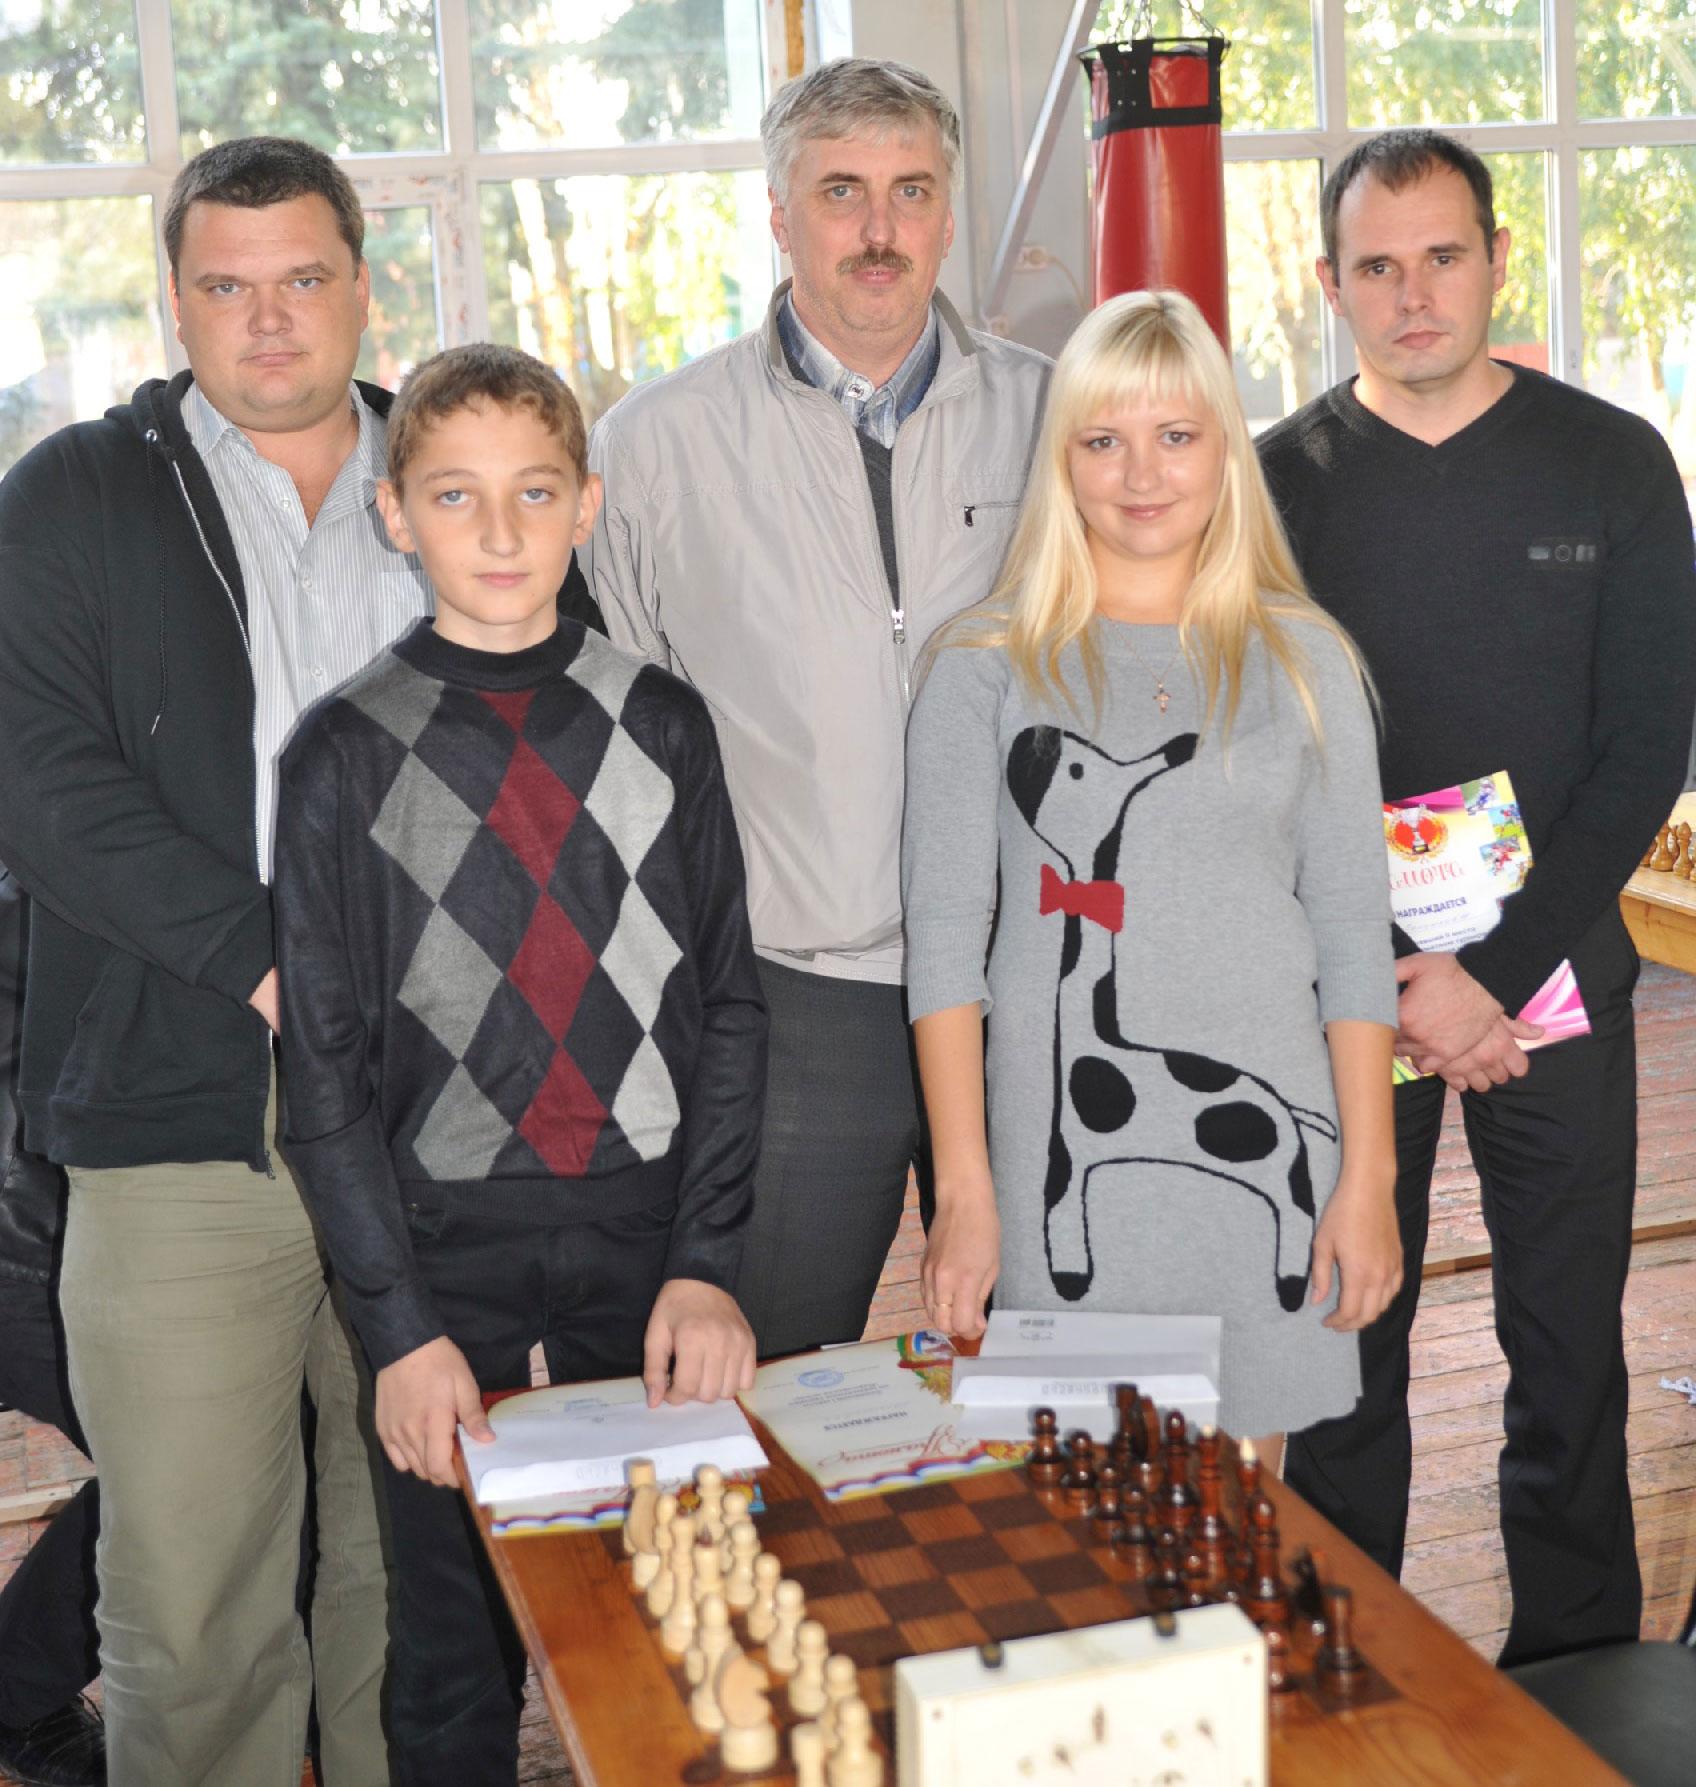 Слева направо: Аркадий Гуков, Роберт Джагацпанян,   Борис Натальный, Ксения Понякова, Максим Понужаев